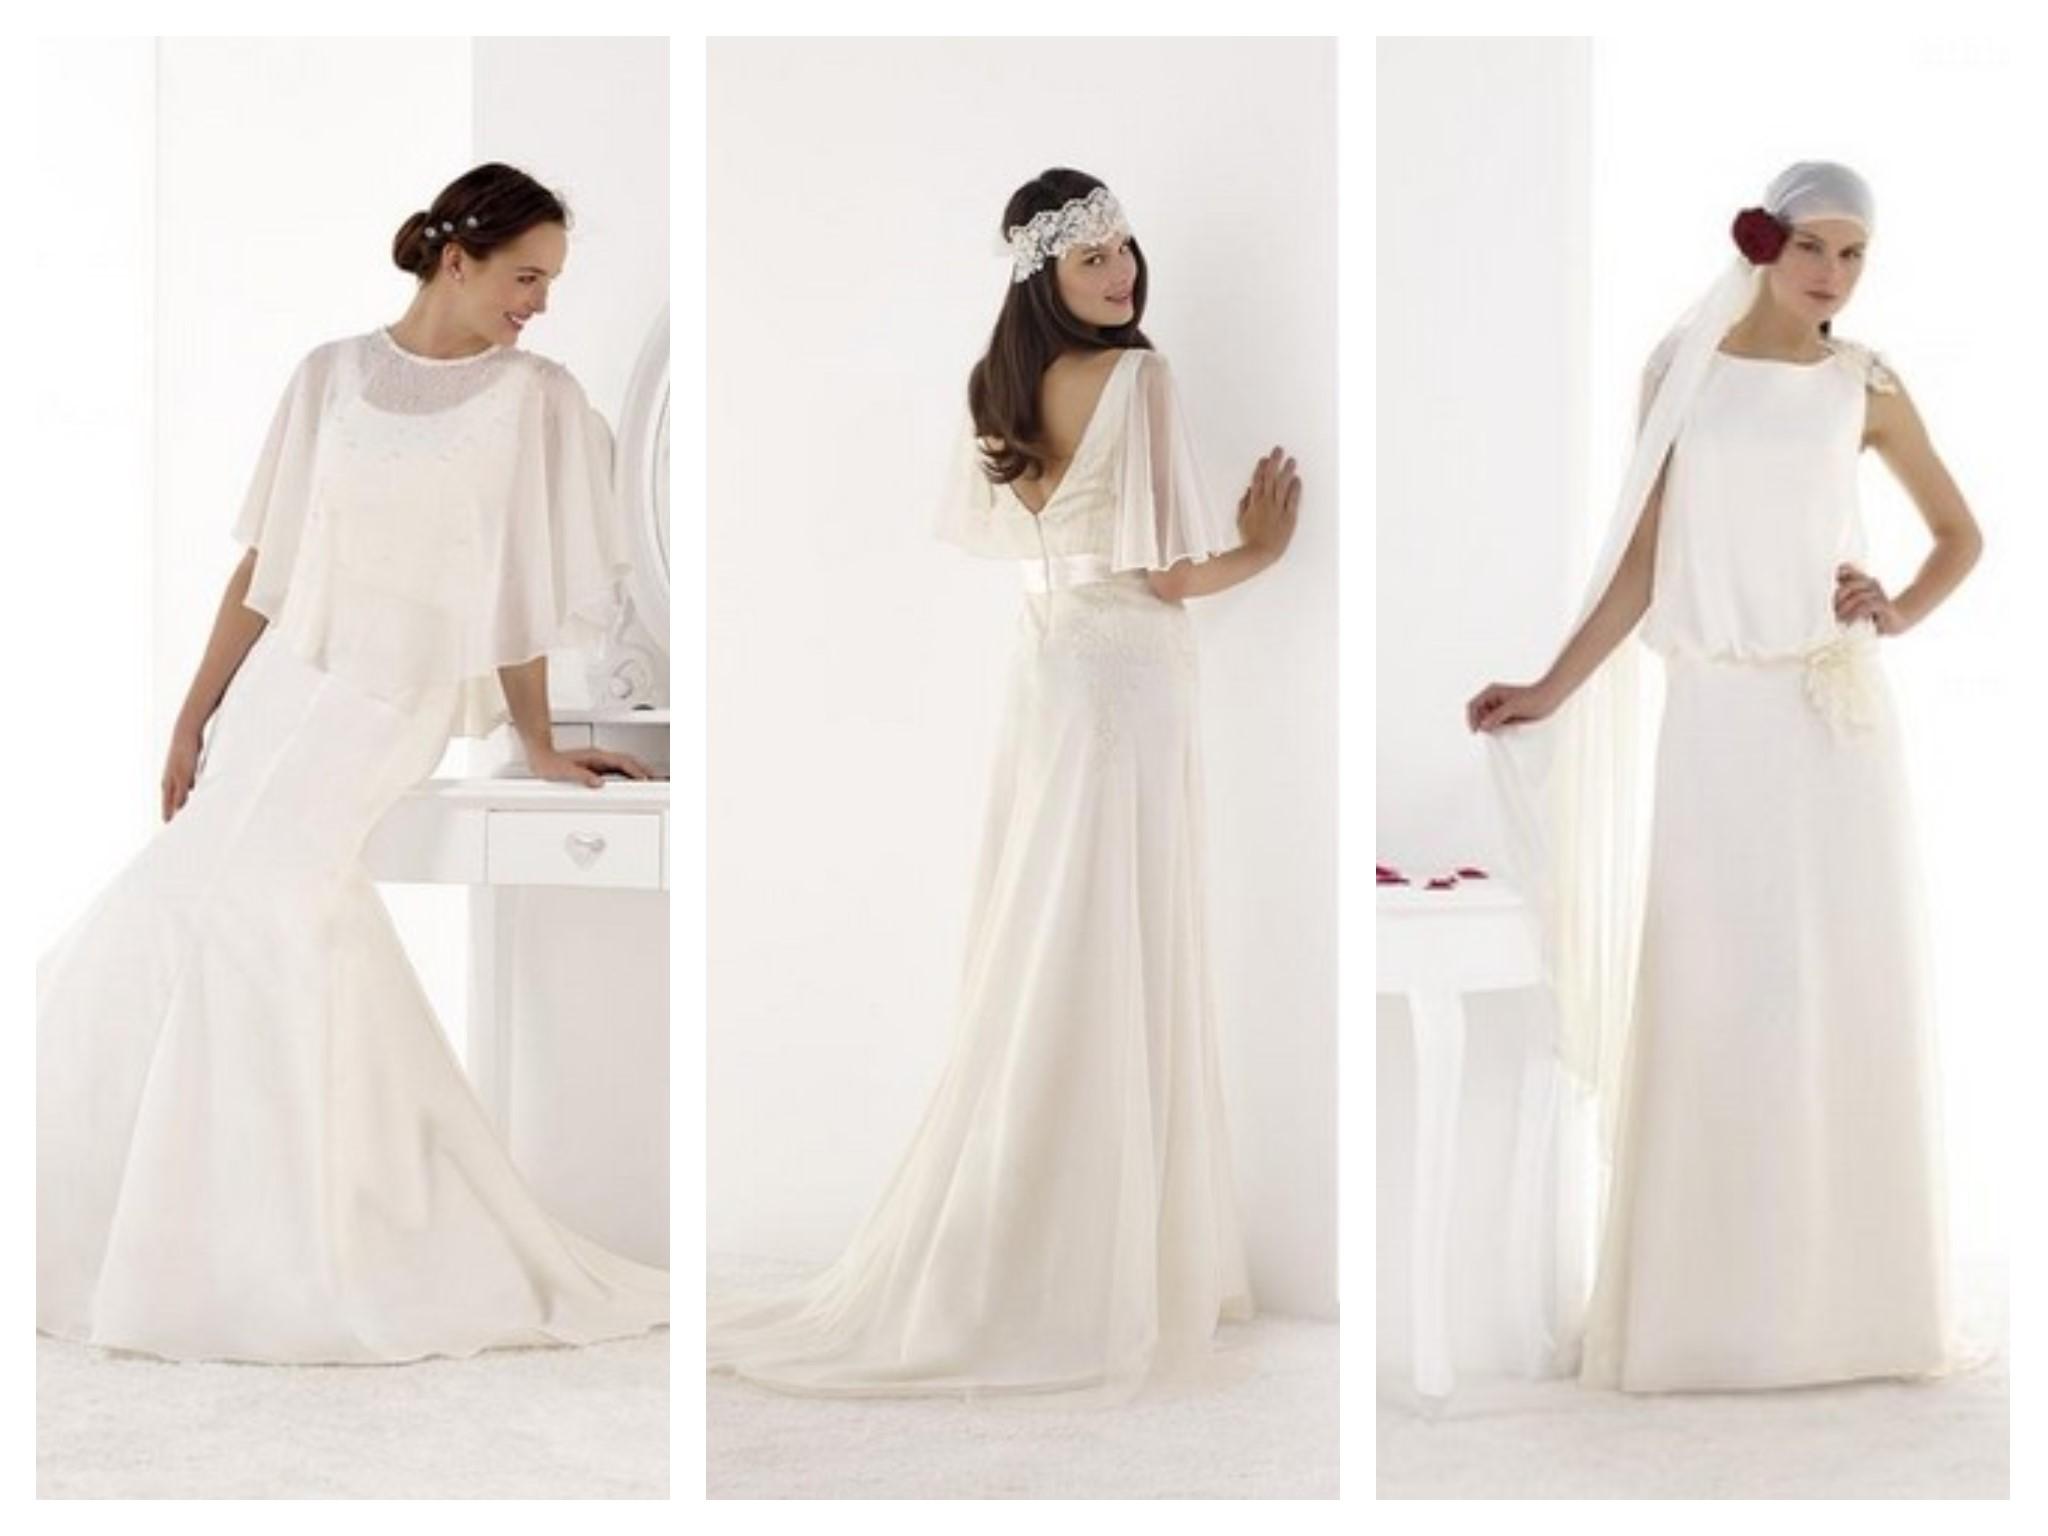 ea7c3eae69b Patron robe boheme - korea cute